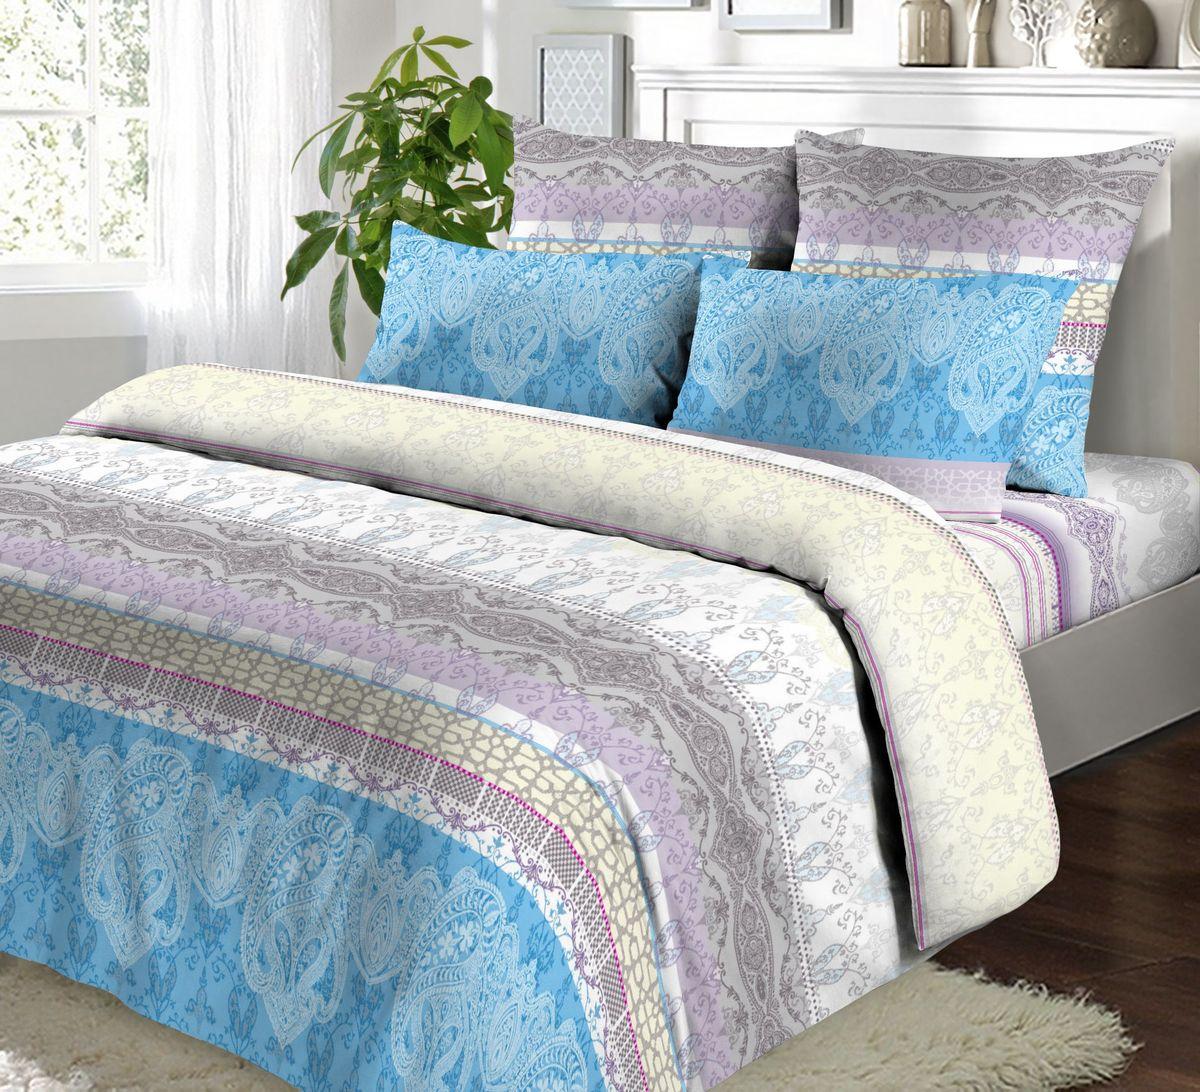 Комплект белья Коллекция Версаль, 2-спальный, наволочки 70x70 смБК2/70/ОЗ/верКомплект постельного белья Коллекция Версаль выполнен из бязи (100% натурального хлопка). Комплект состоит из пододеяльника, простыни и двух наволочек. Постельное белье оформлено ярким красочным рисунком. Хорошая, качественная бязь всегда ценилась любителями спокойного и комфортного сна. Гладкая структура делает ткань приятной на ощупь, мягкой и нежной, при этом она прочная и хорошо сохраняет форму. Благодаря такому комплекту постельного белья вы сможете создать атмосферу роскоши и романтики в вашей спальне.